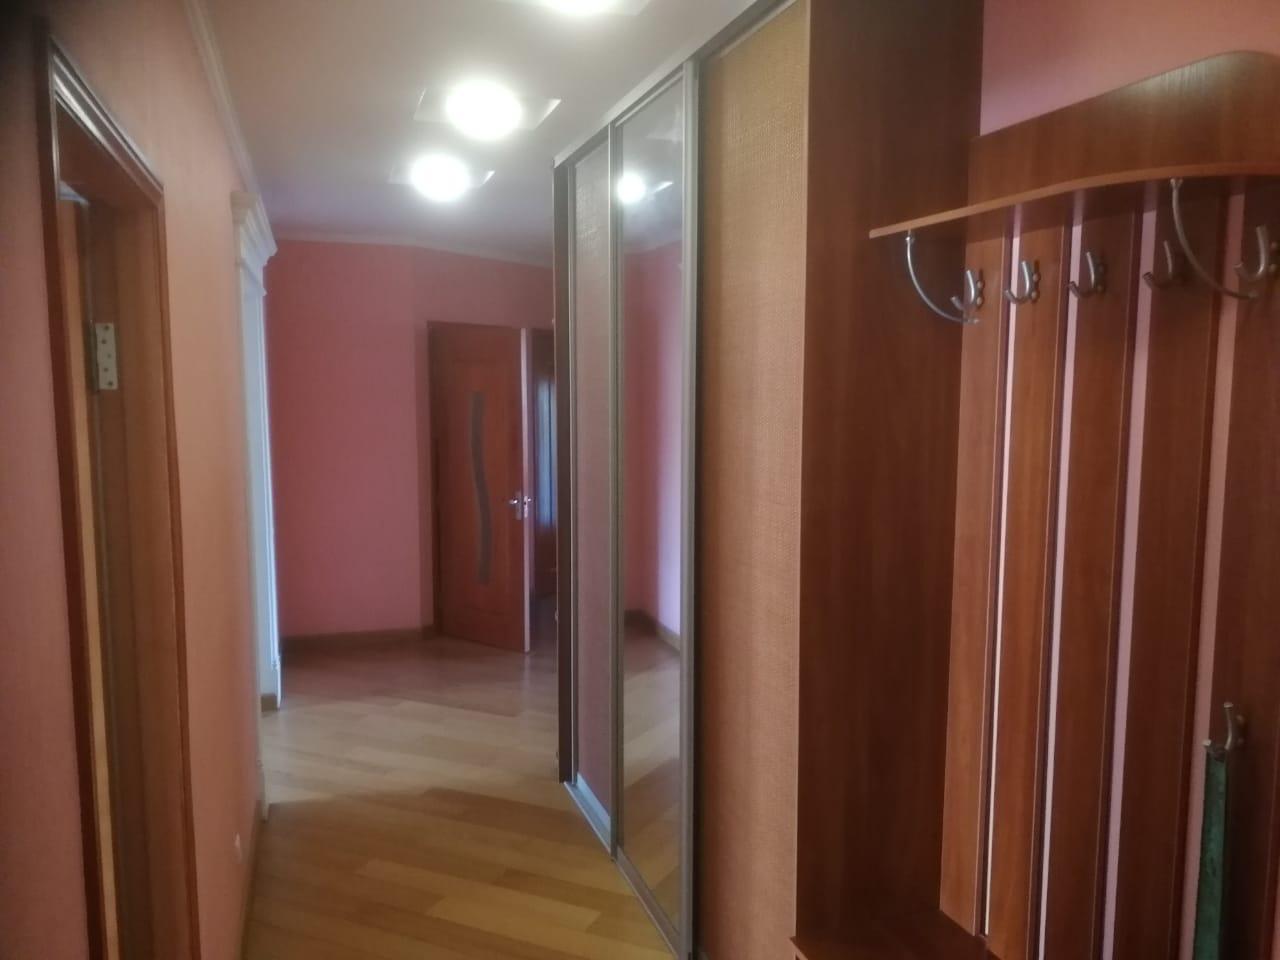 Алтайский край, Барнаул, ул. Балтийская, 42а 7